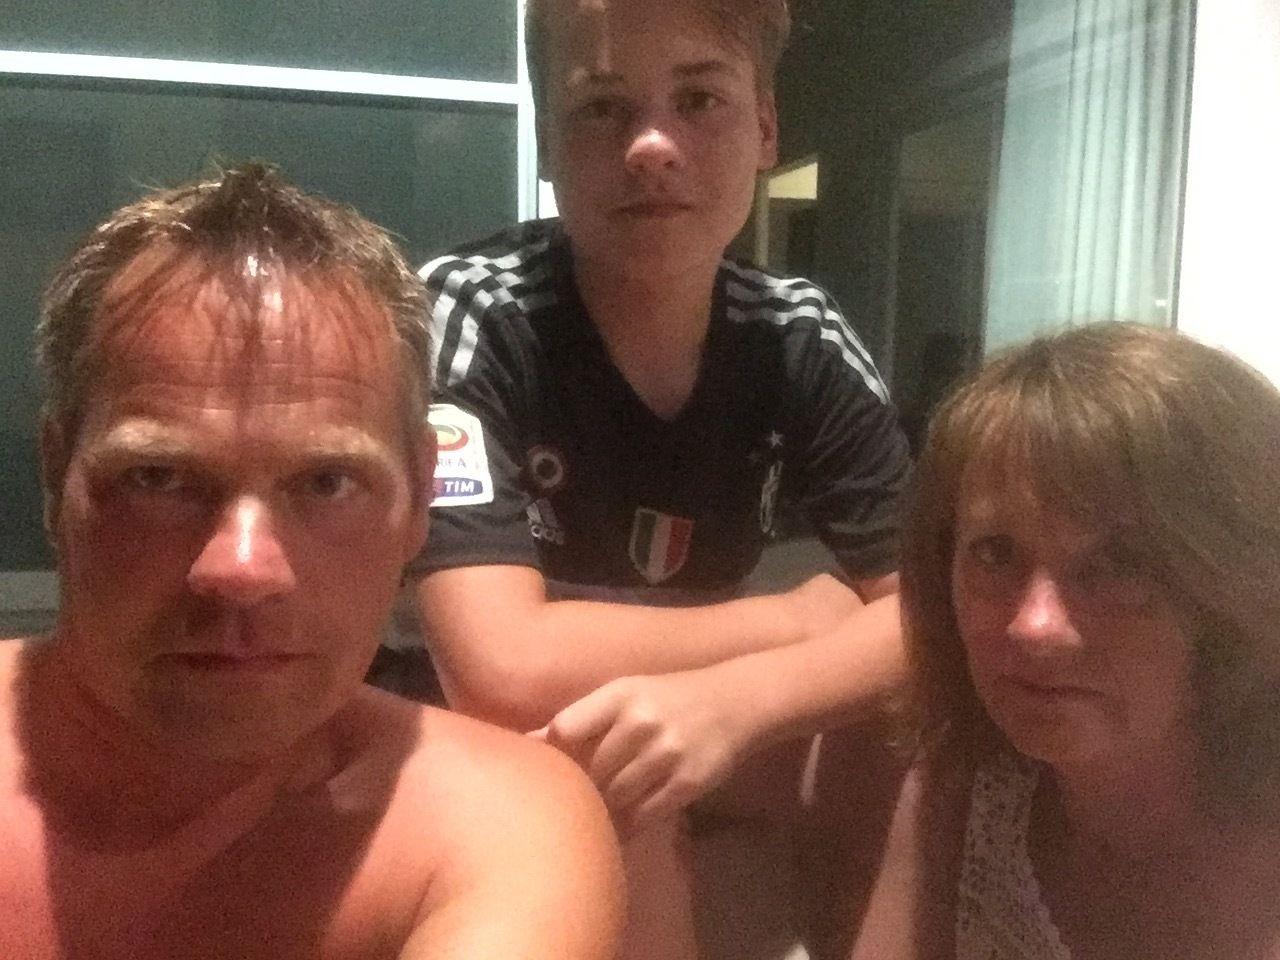 VETTSKREMT: Steinar Eidseter (43) er på familietur i Thailand sammen med sønnen Aron Fosseland Eidseter (13) og moren Kjerstin Orset (65). De var i en butikk rett ved der den ene bomben gikk av. Folk er vettskremt, forteller de.